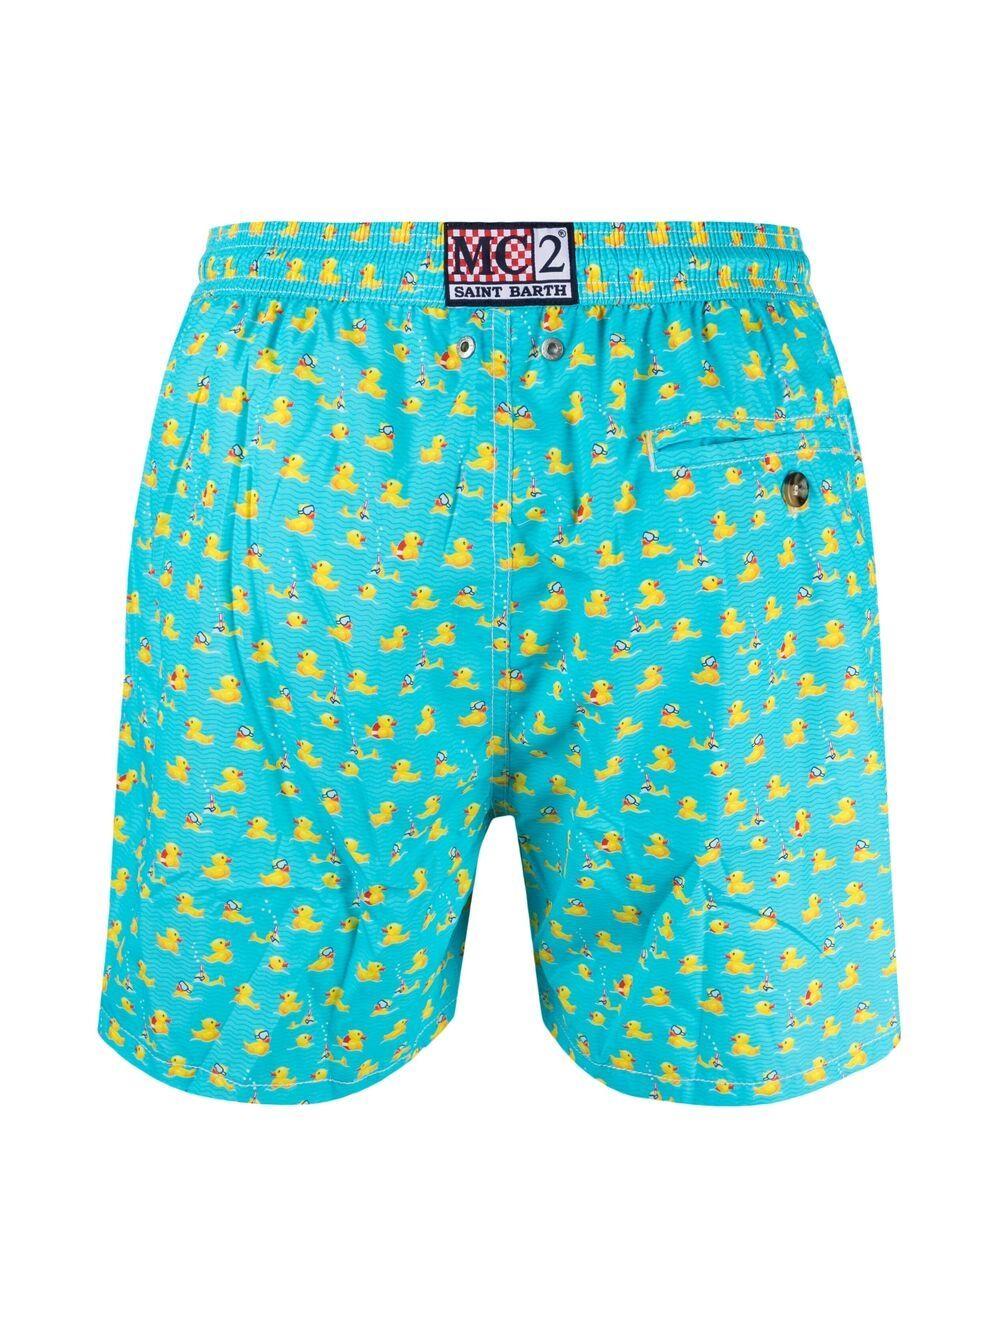 Pantaloncini da bagno blu in poliestere riciclato Swimmer Ducky MC2 | Costumi | LIGHTING MICRO FANTASY-SWIMMER DUCKY31